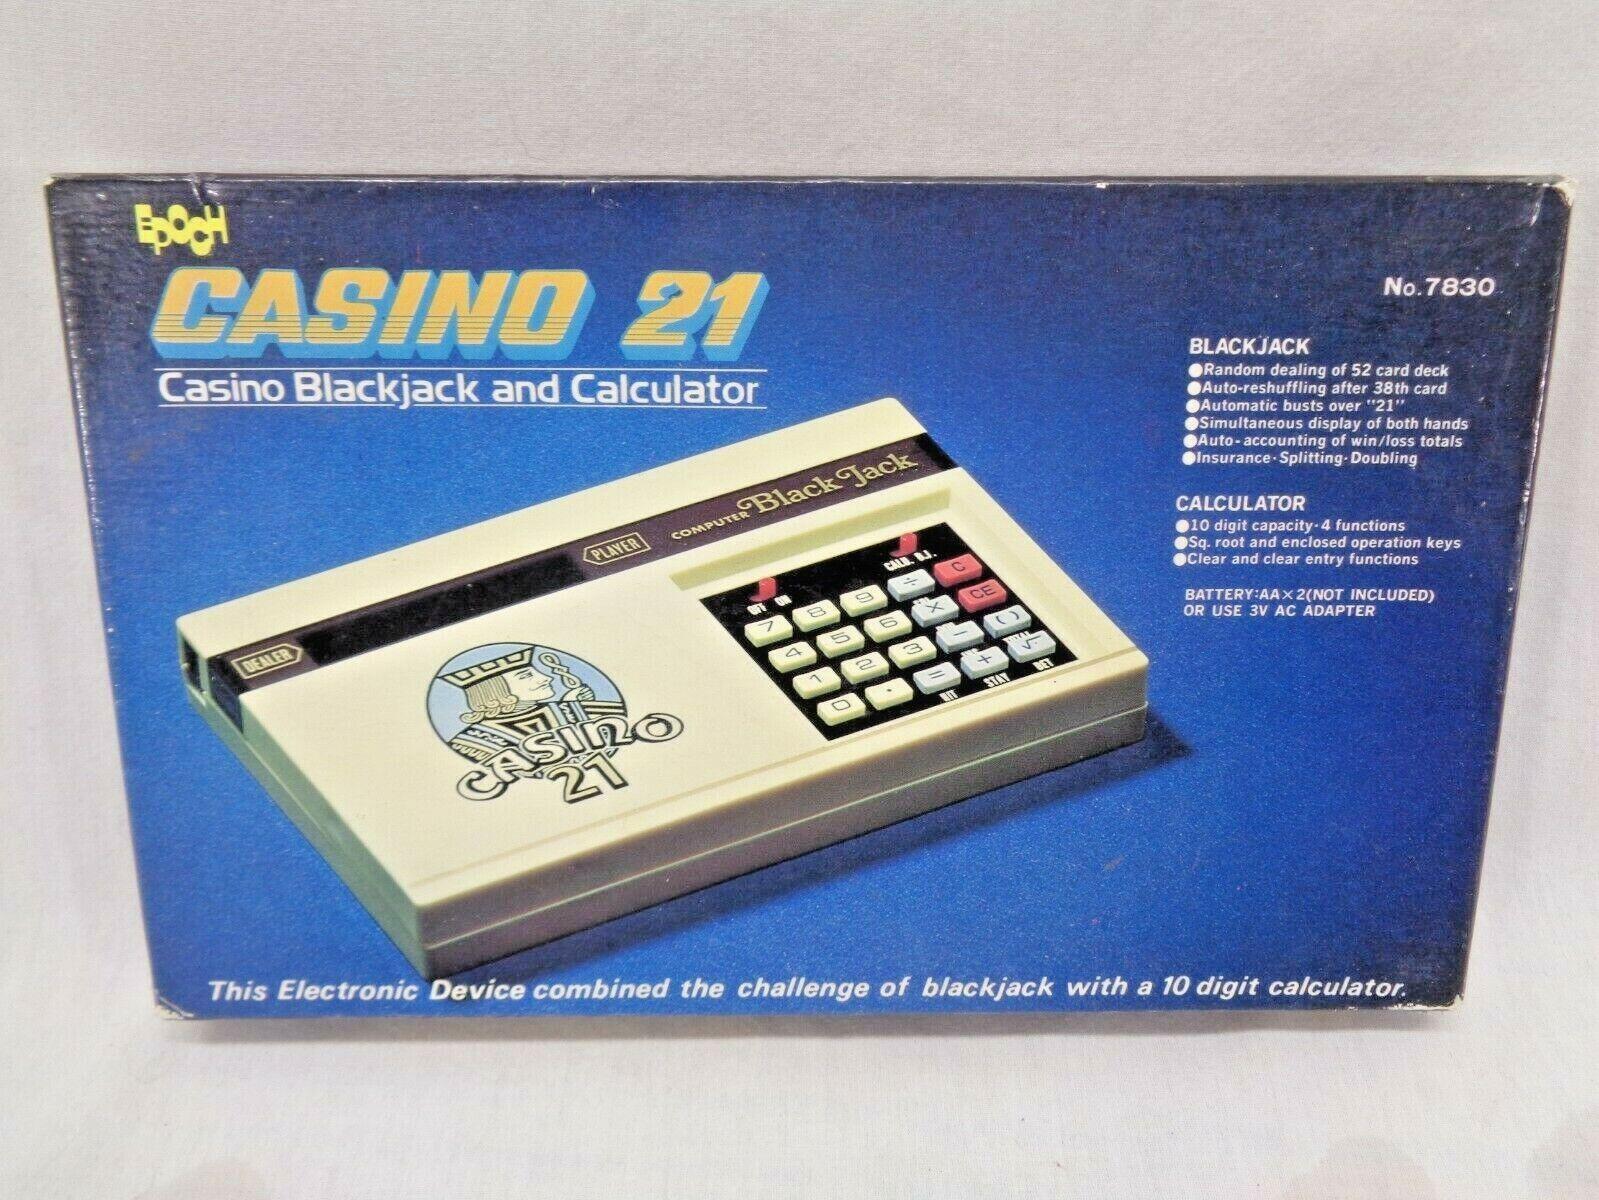 1978 época Casino 21 negrojack y Calculadora Juego Portátil Electrónica Nº 7830